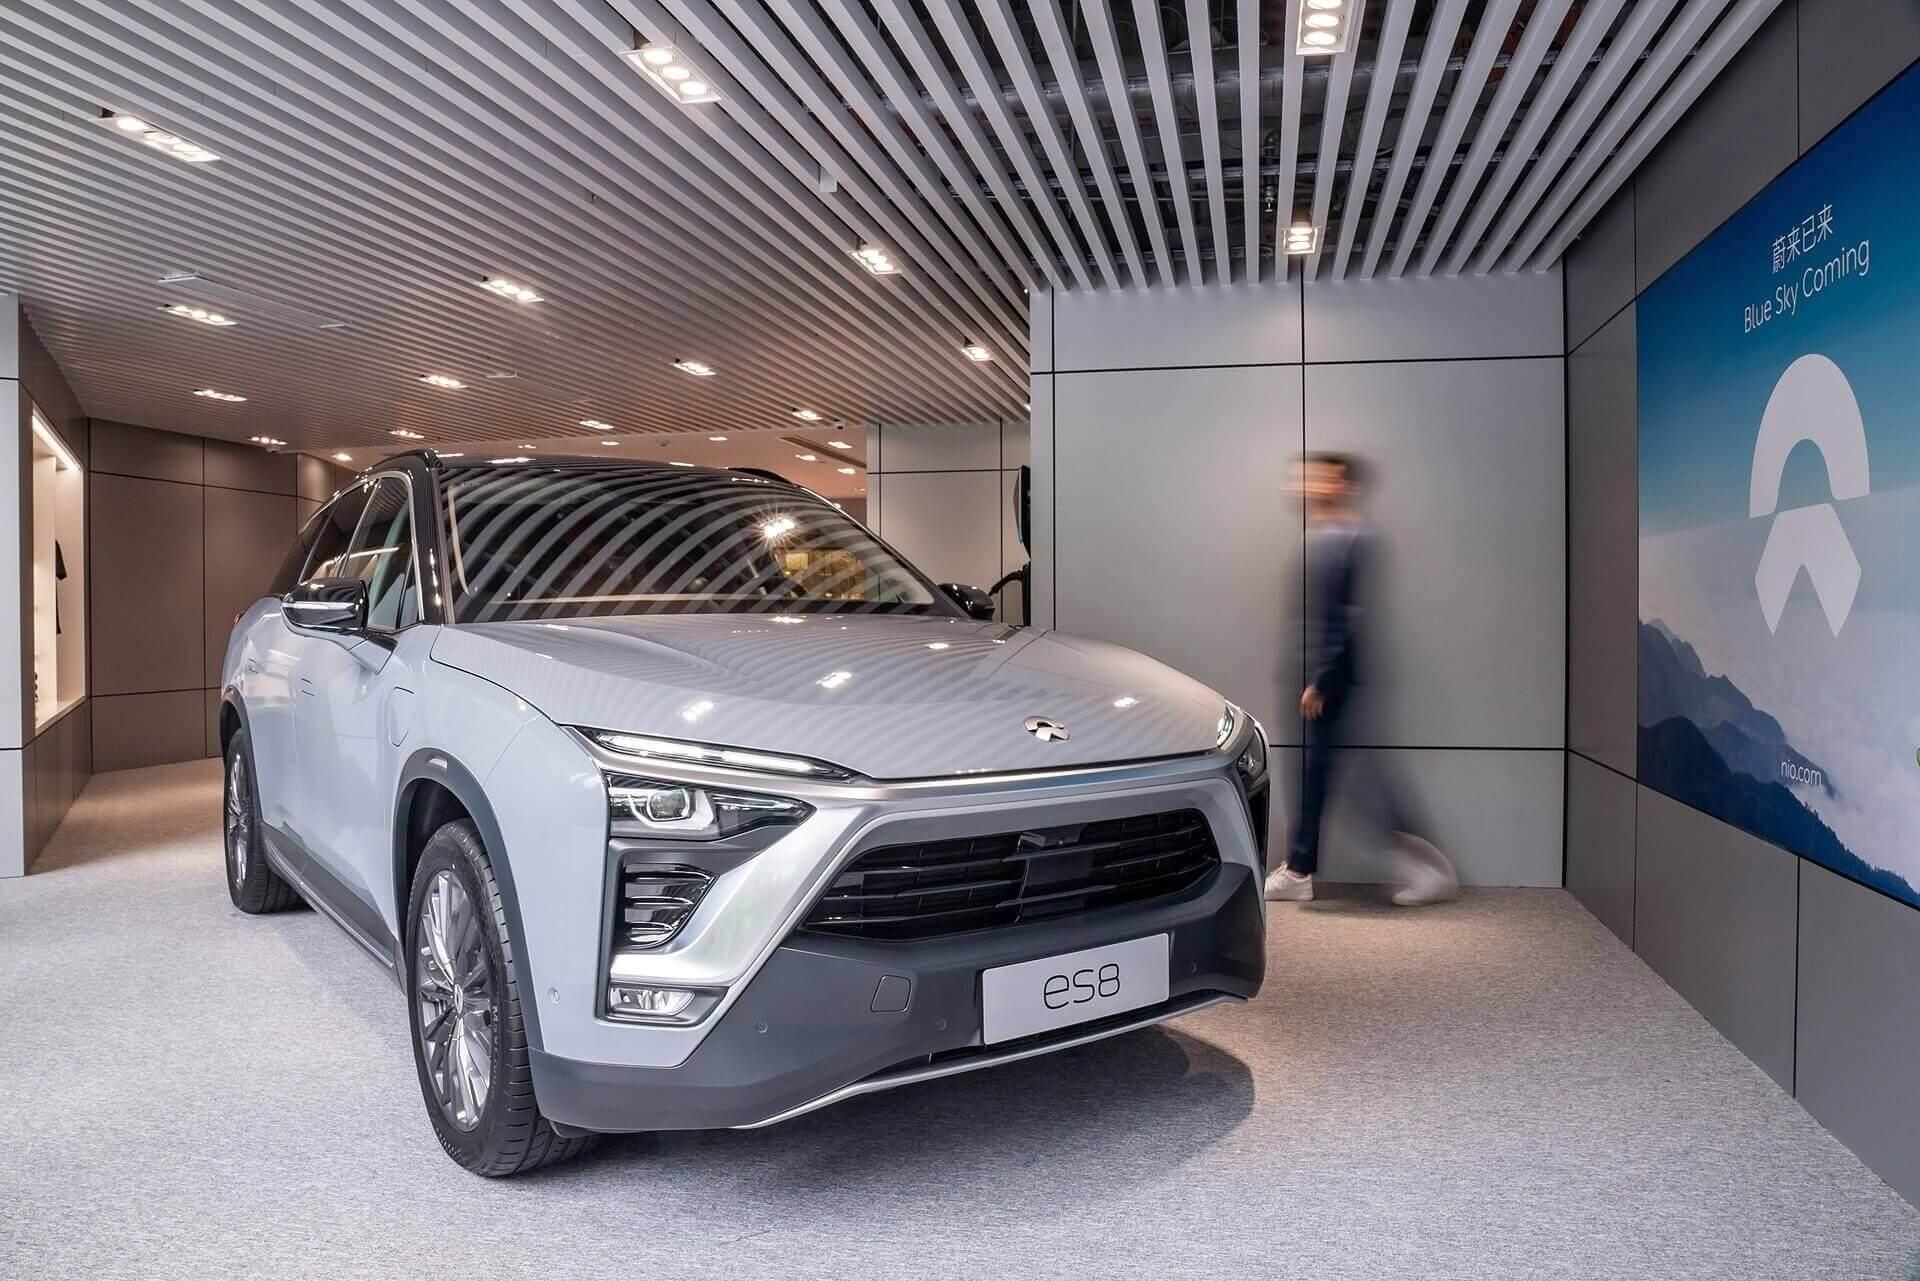 Совокупные поставки электромобилей NIO в 2020 году достигли 43 728 единиц, что на 112,6% больше, чем в 2019 году, в результате чего общий объем поставок составил 75 641 автомобилей с момента начала поставок в июне 2018 года